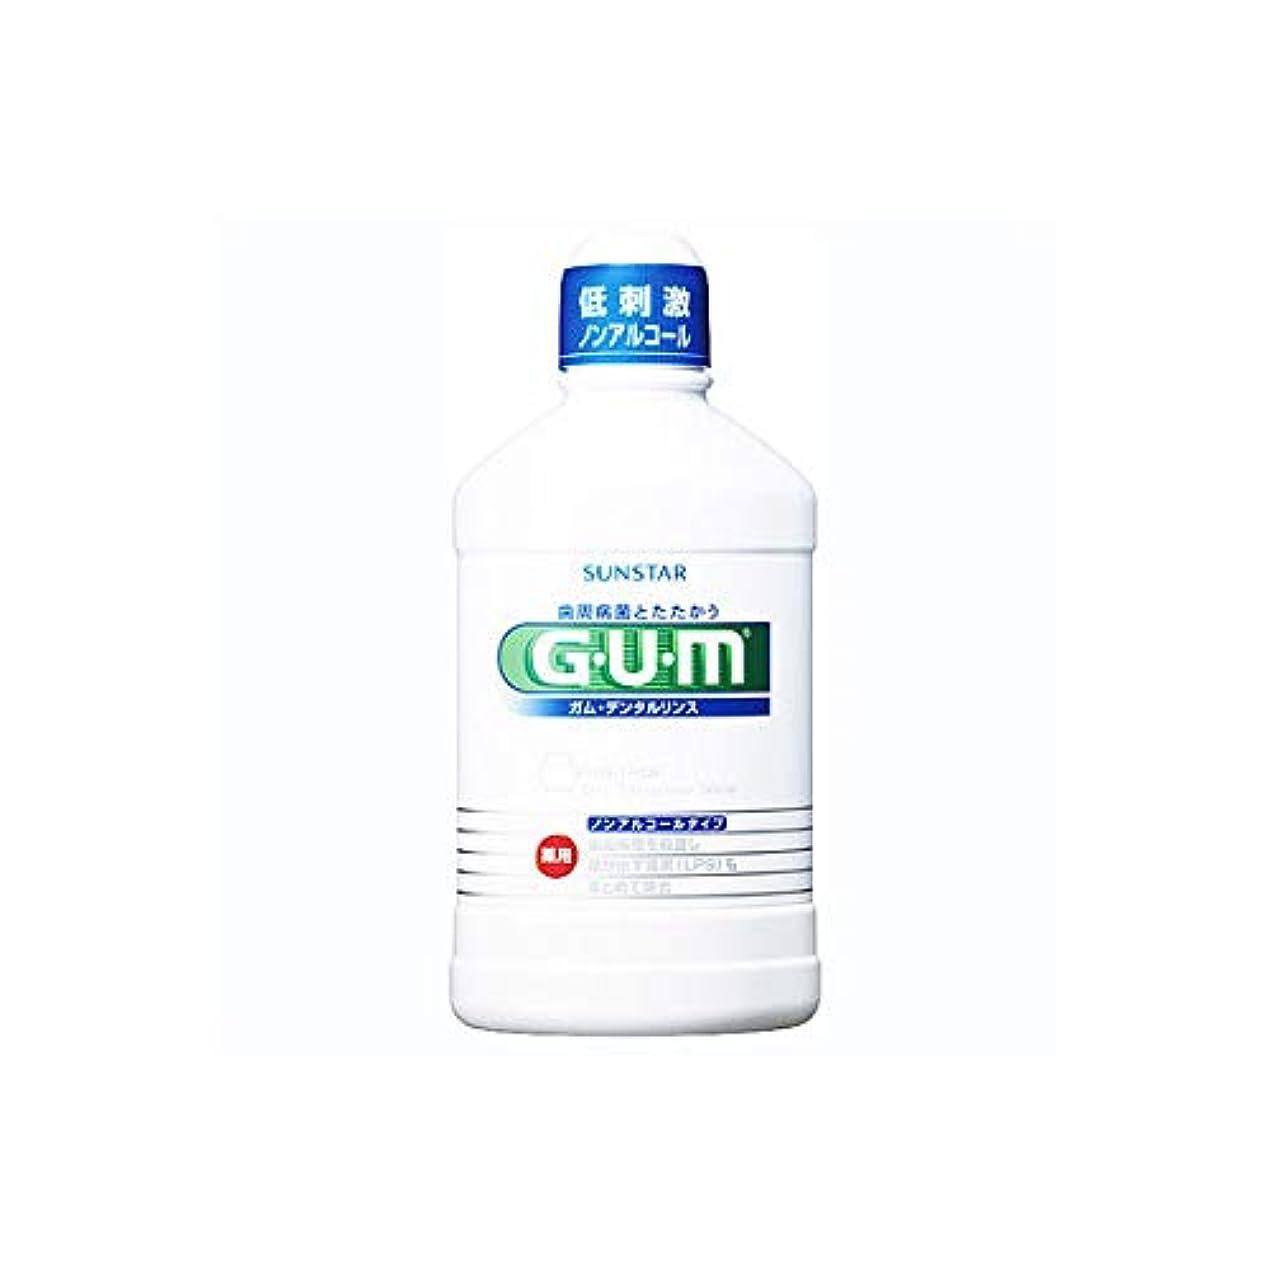 暖炉アジア人休暇GUM(ガム)?デンタルリンス (ノンアルコールタイプ) 500mL (医薬部外品)